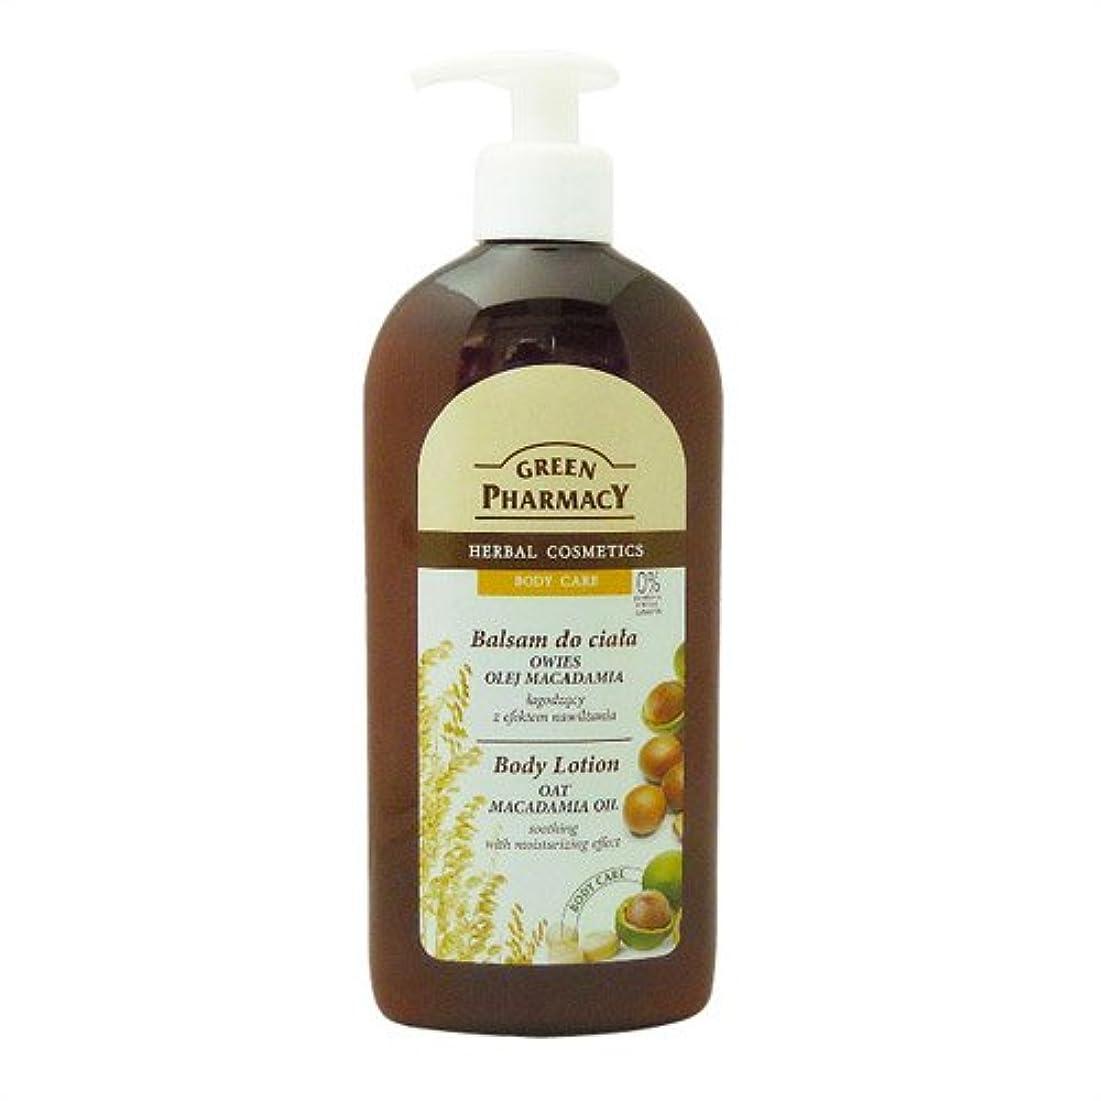 マイルストーンマラウイ毛皮Elfa Pharm Green Pharmacy グリーンファーマシー Body Lotion ボディローション Oat Macadamia Oil